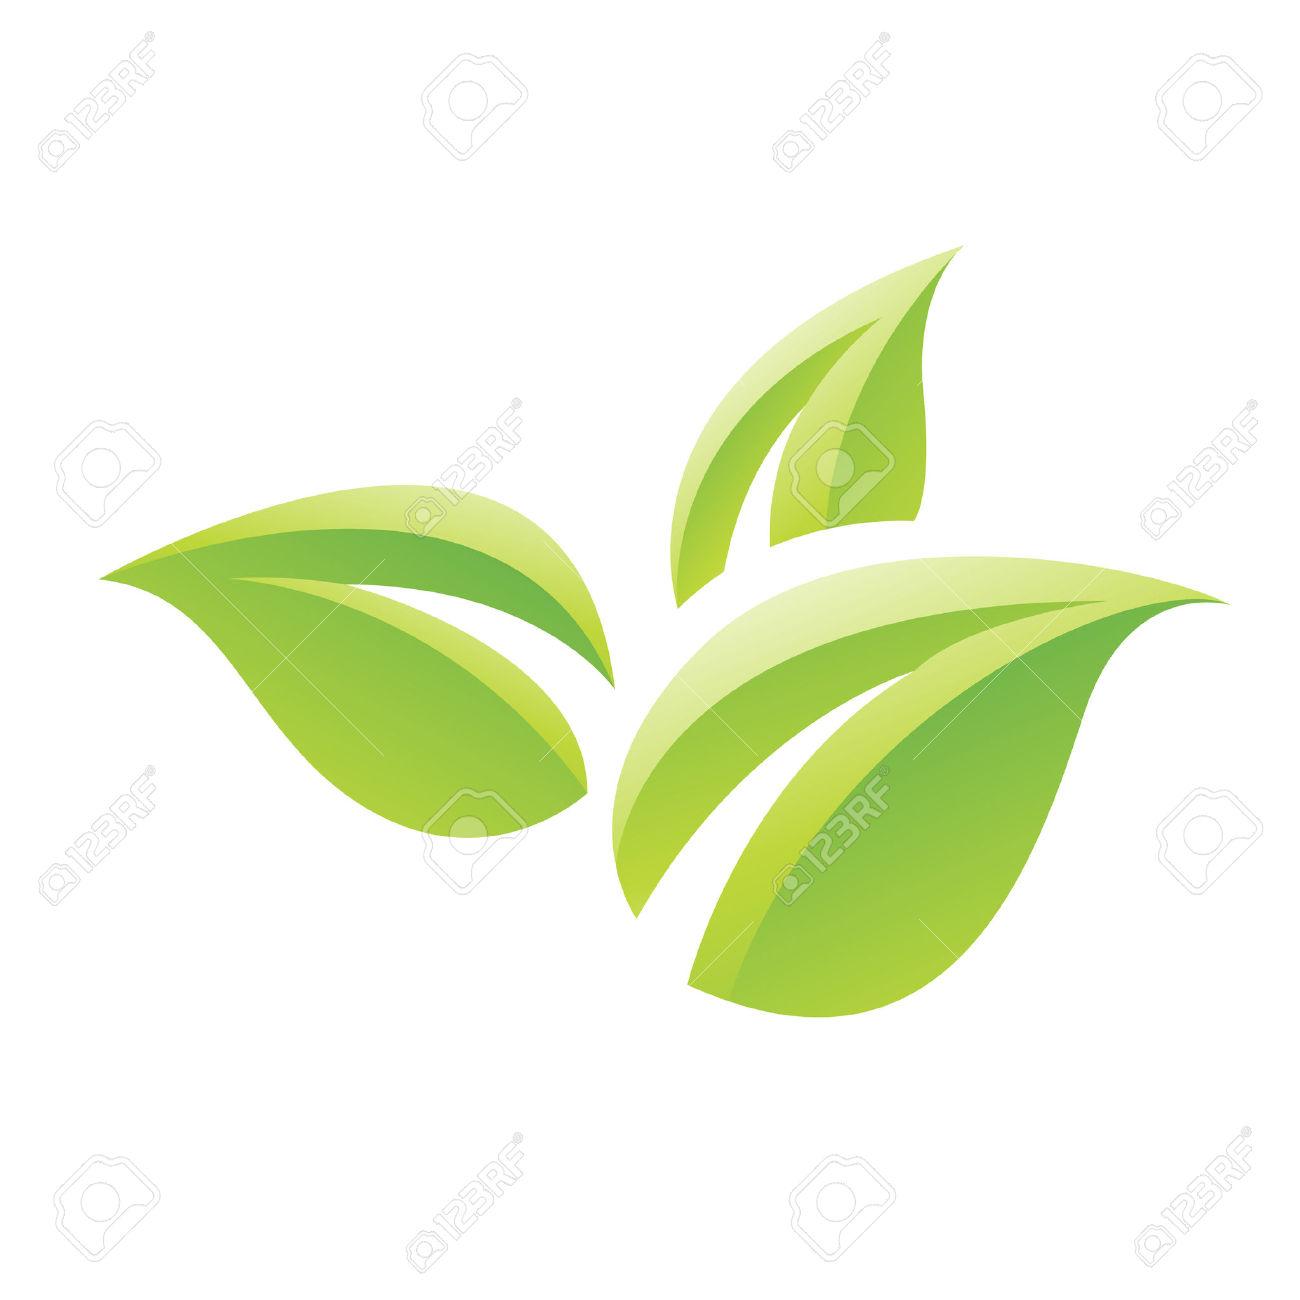 Tobacco plant clipart.